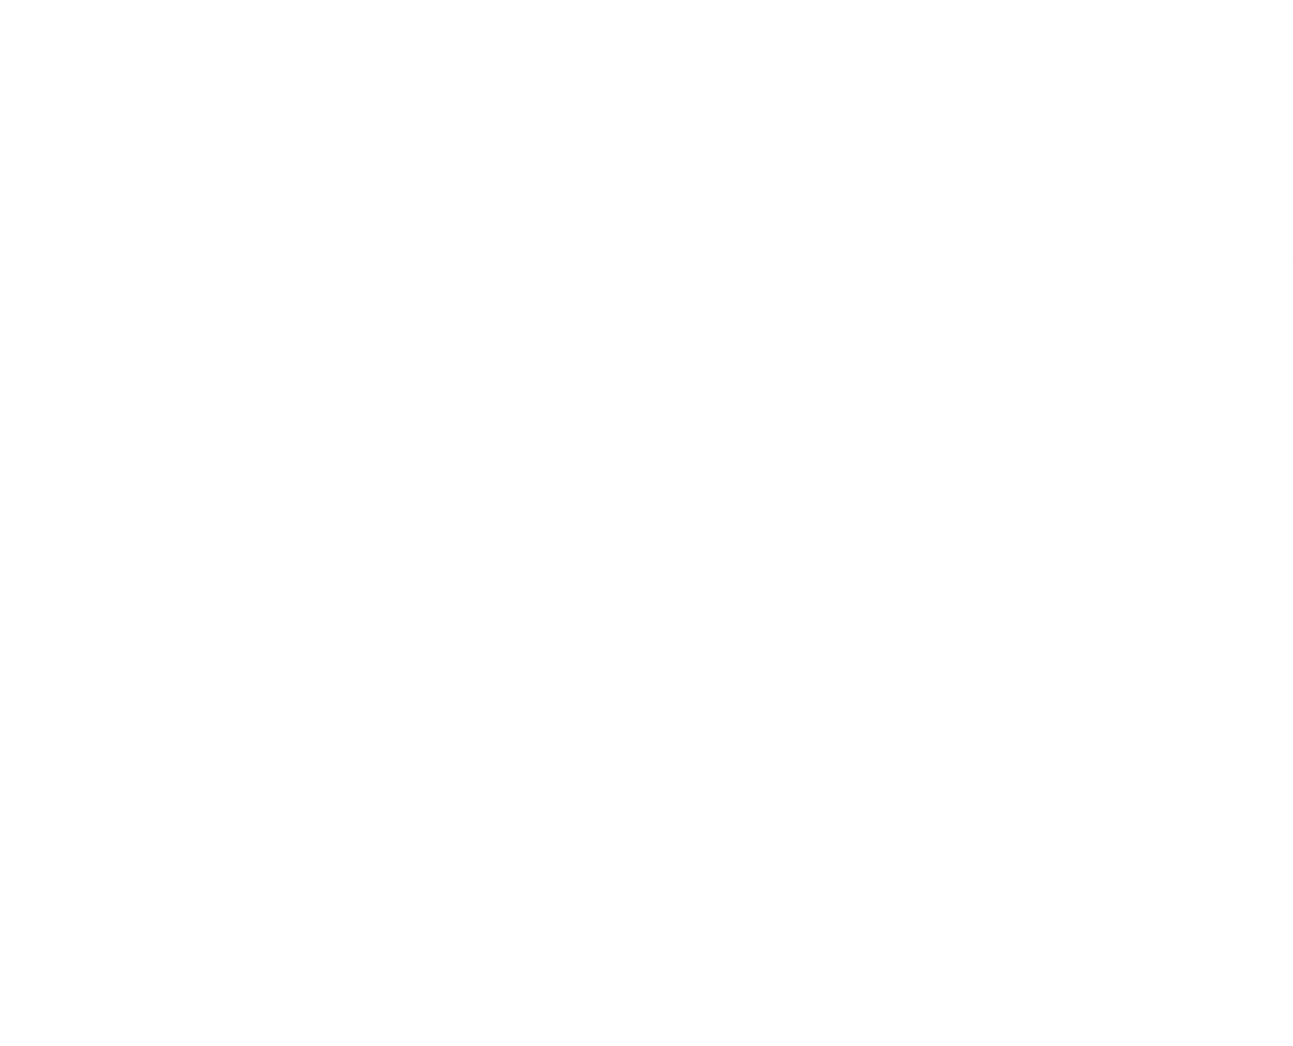 """КАФЕ-СТОЛОВАЯ БЦ """"KROL"""" Елизарова пр., 34 МЕНЮ ВТОРНИК. ЧЕТНАЯ НЕДЕЛЯ"""